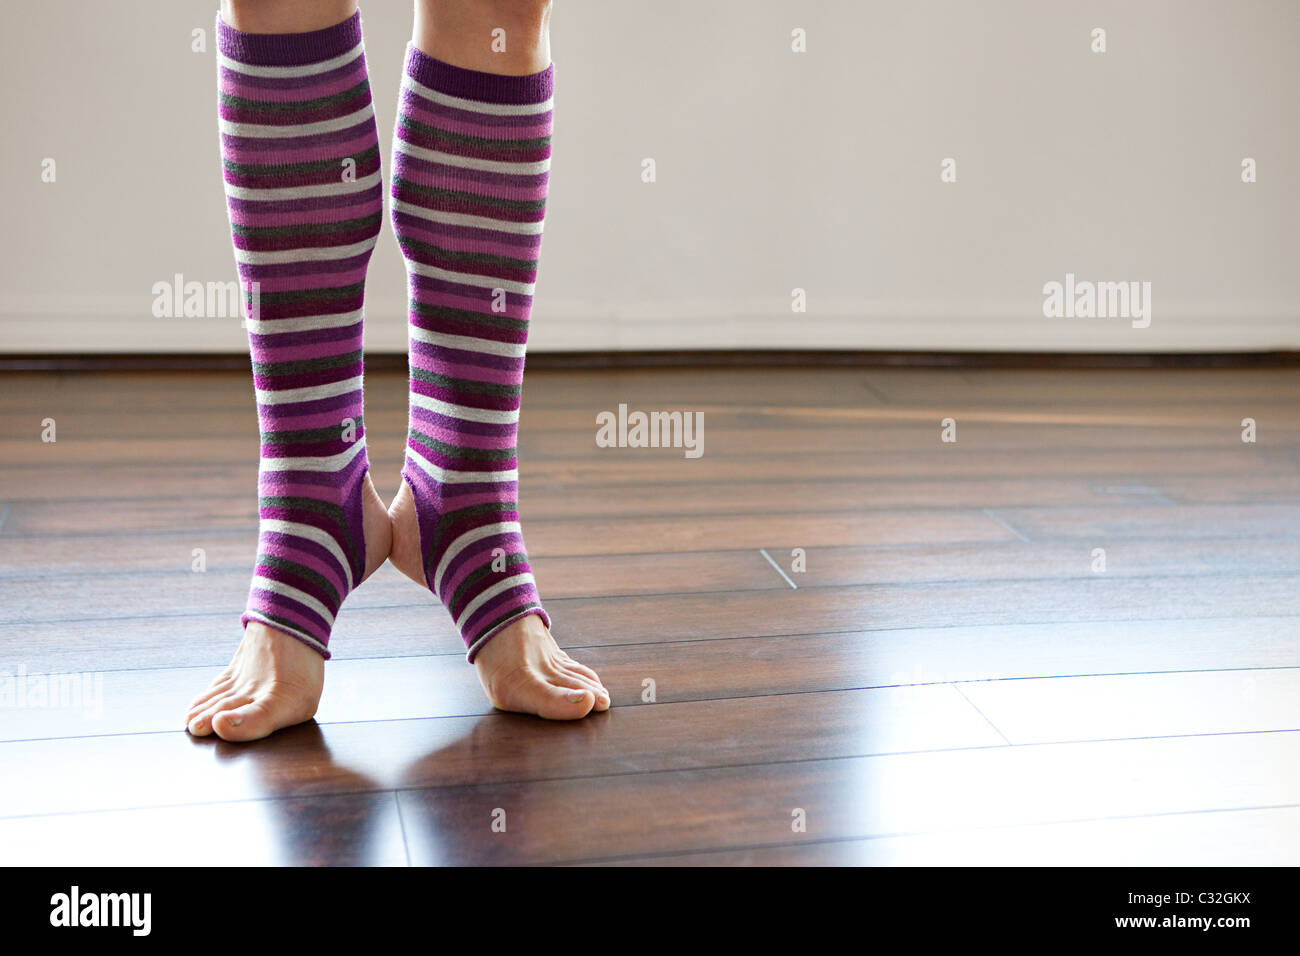 Mujer vistiendo stripey legwarmers en puntillas Imagen De Stock